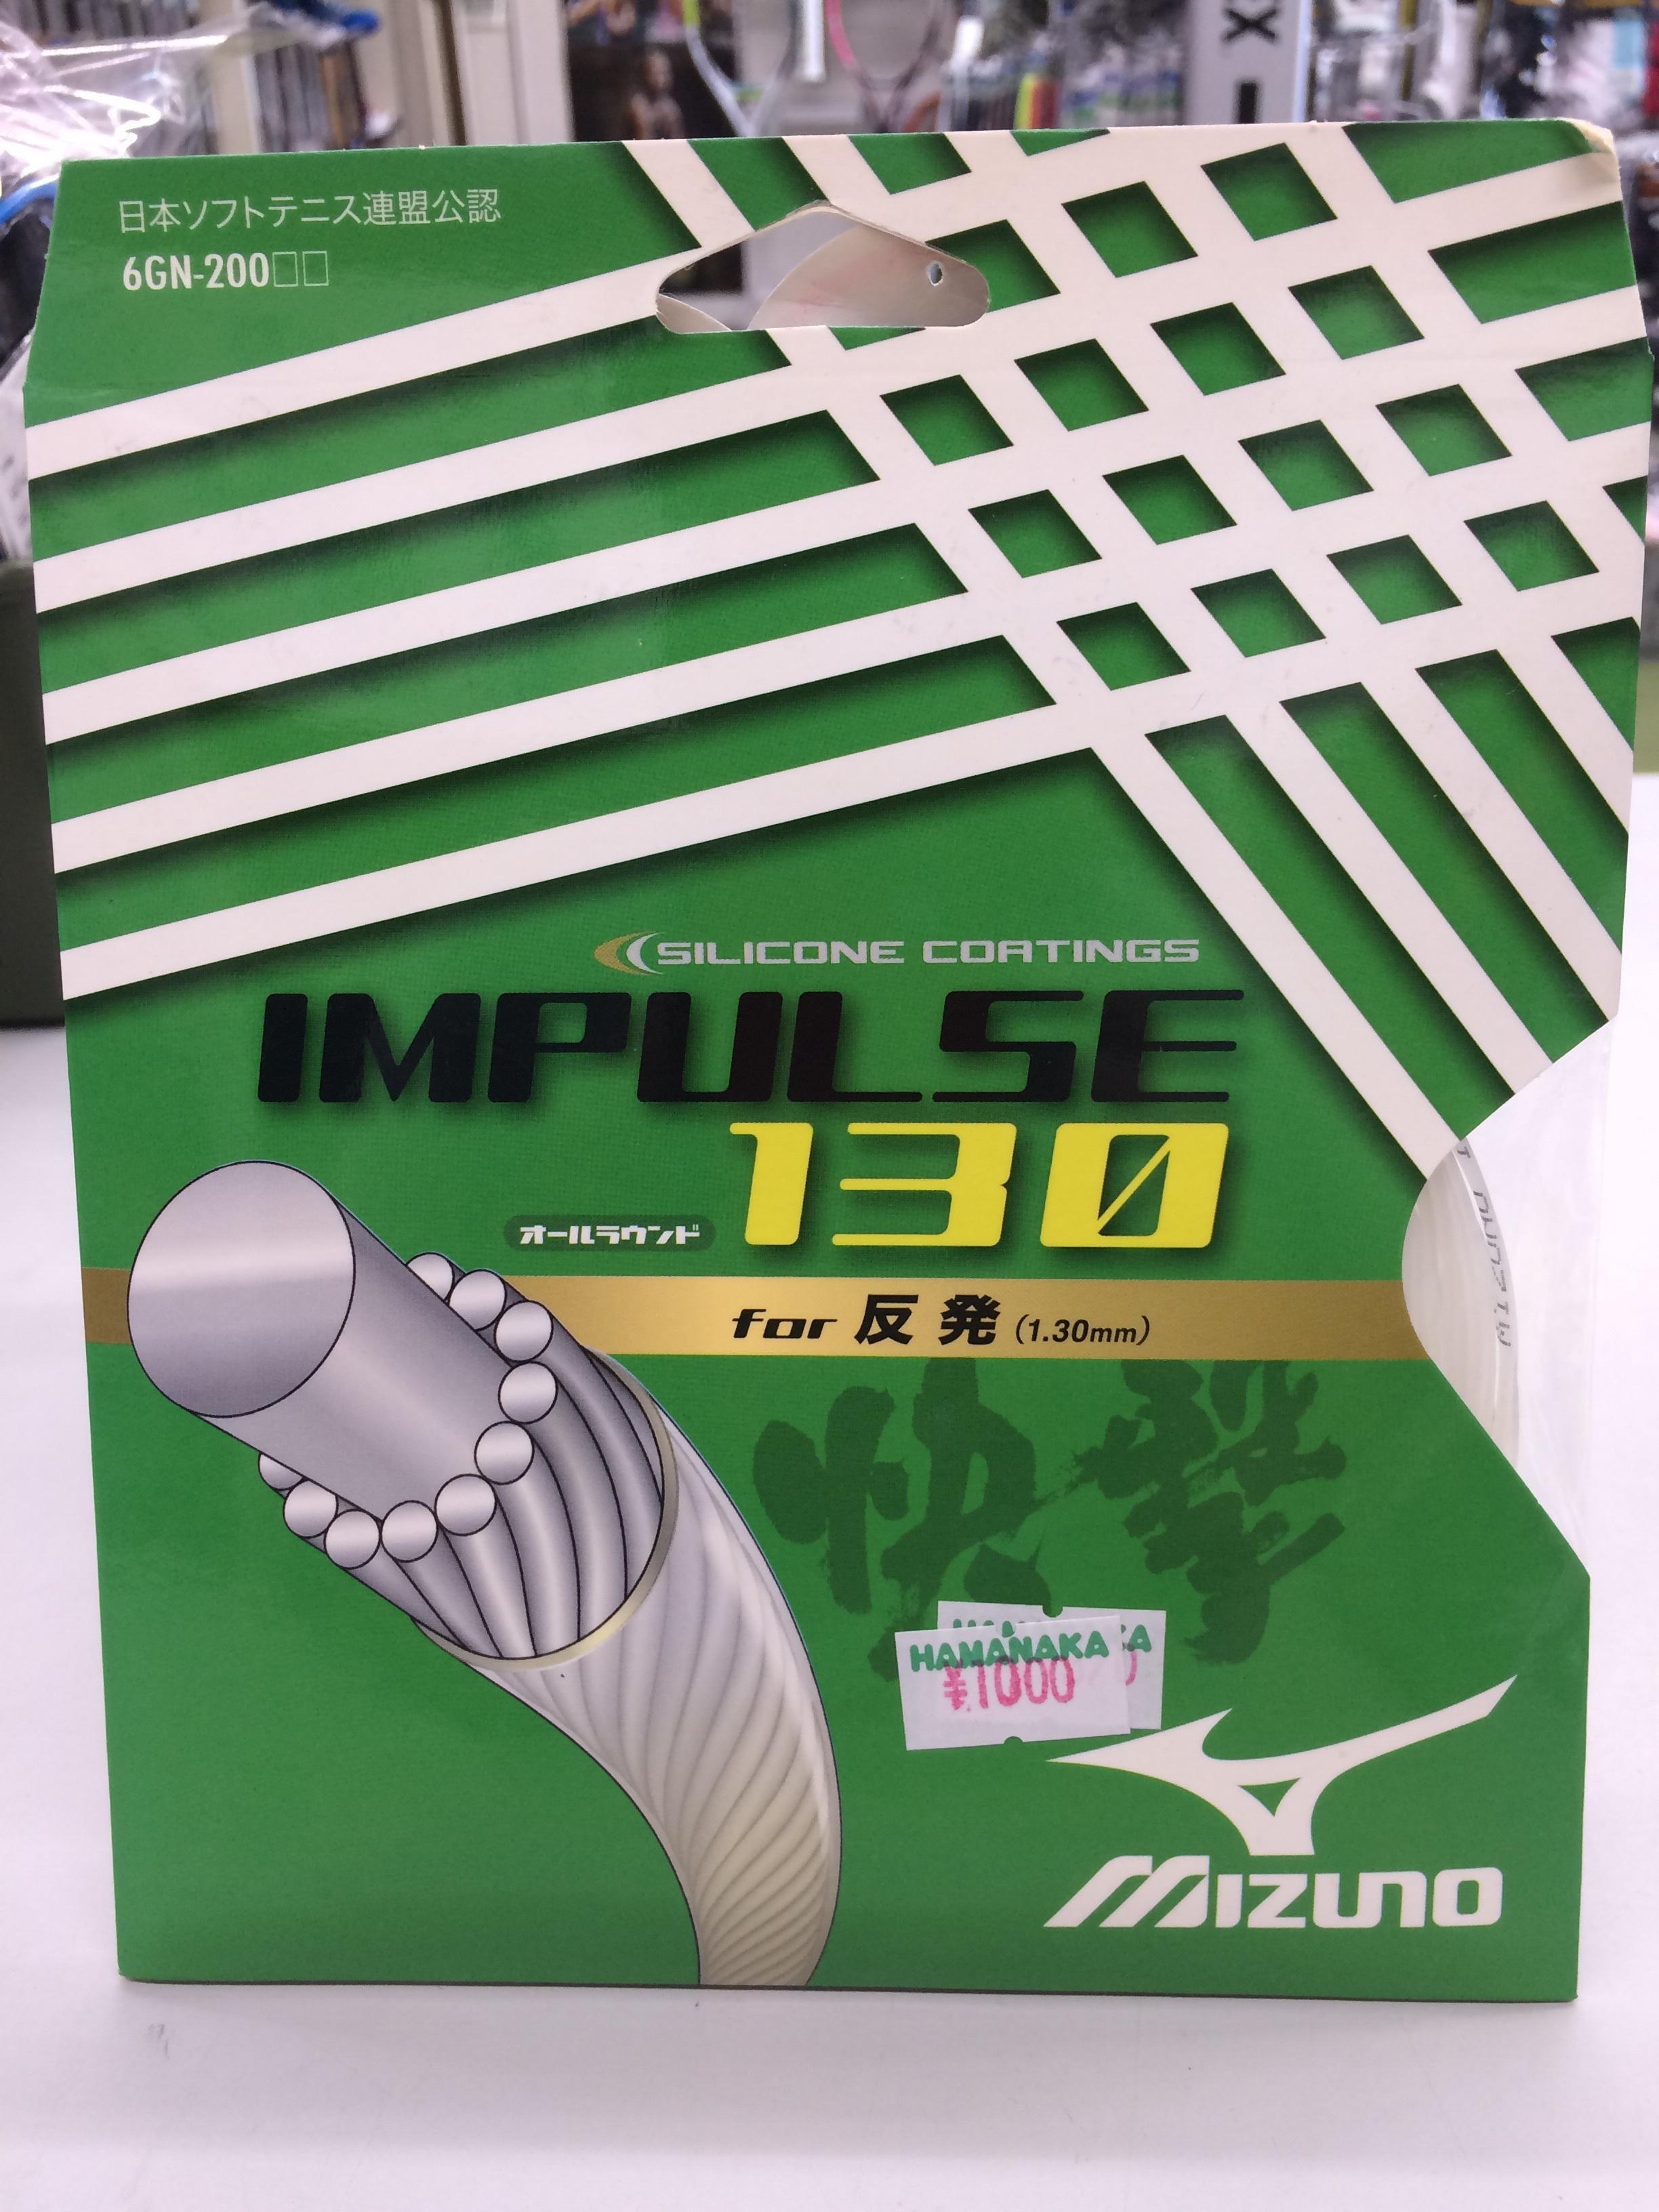 ミズノ IMPULSE130  - 画像1